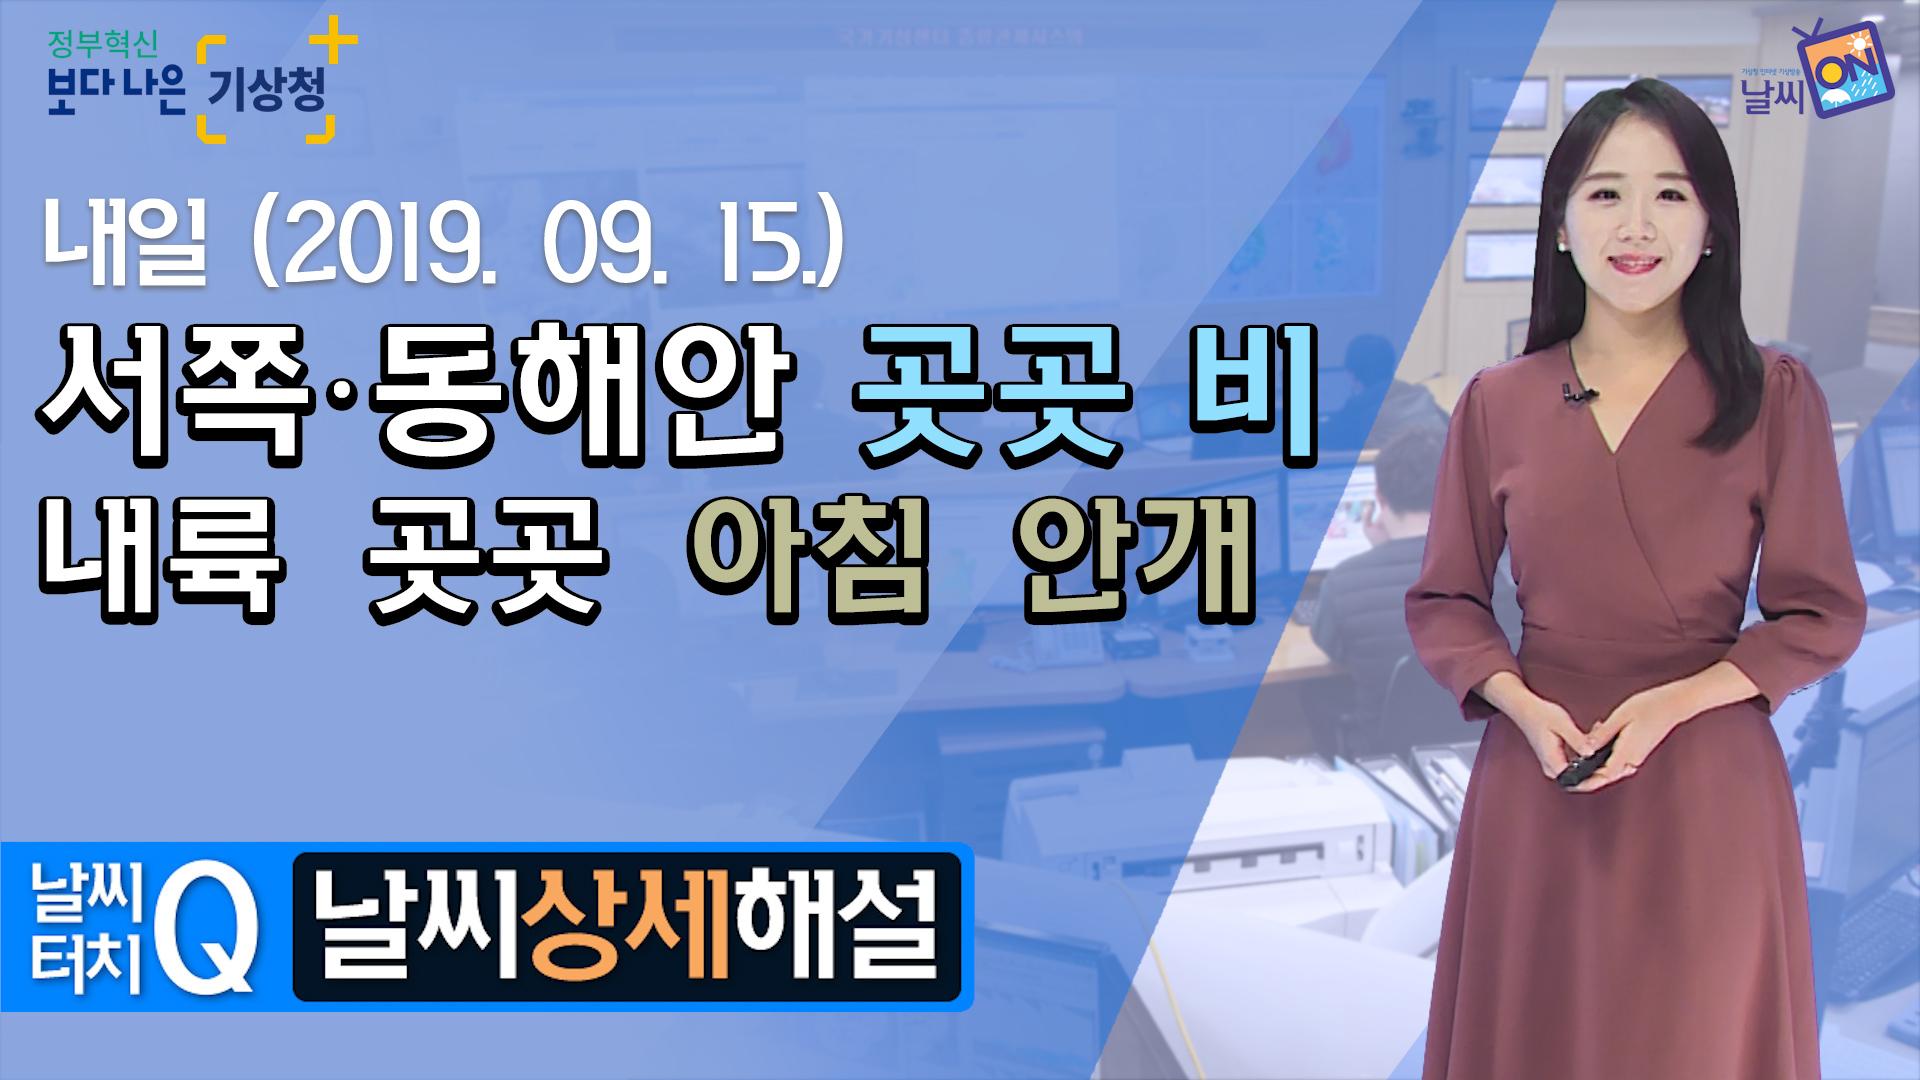 [19시] 9월 15일(일) 서쪽·동해안 곳곳 비, 내륙 곳곳 아침 안개